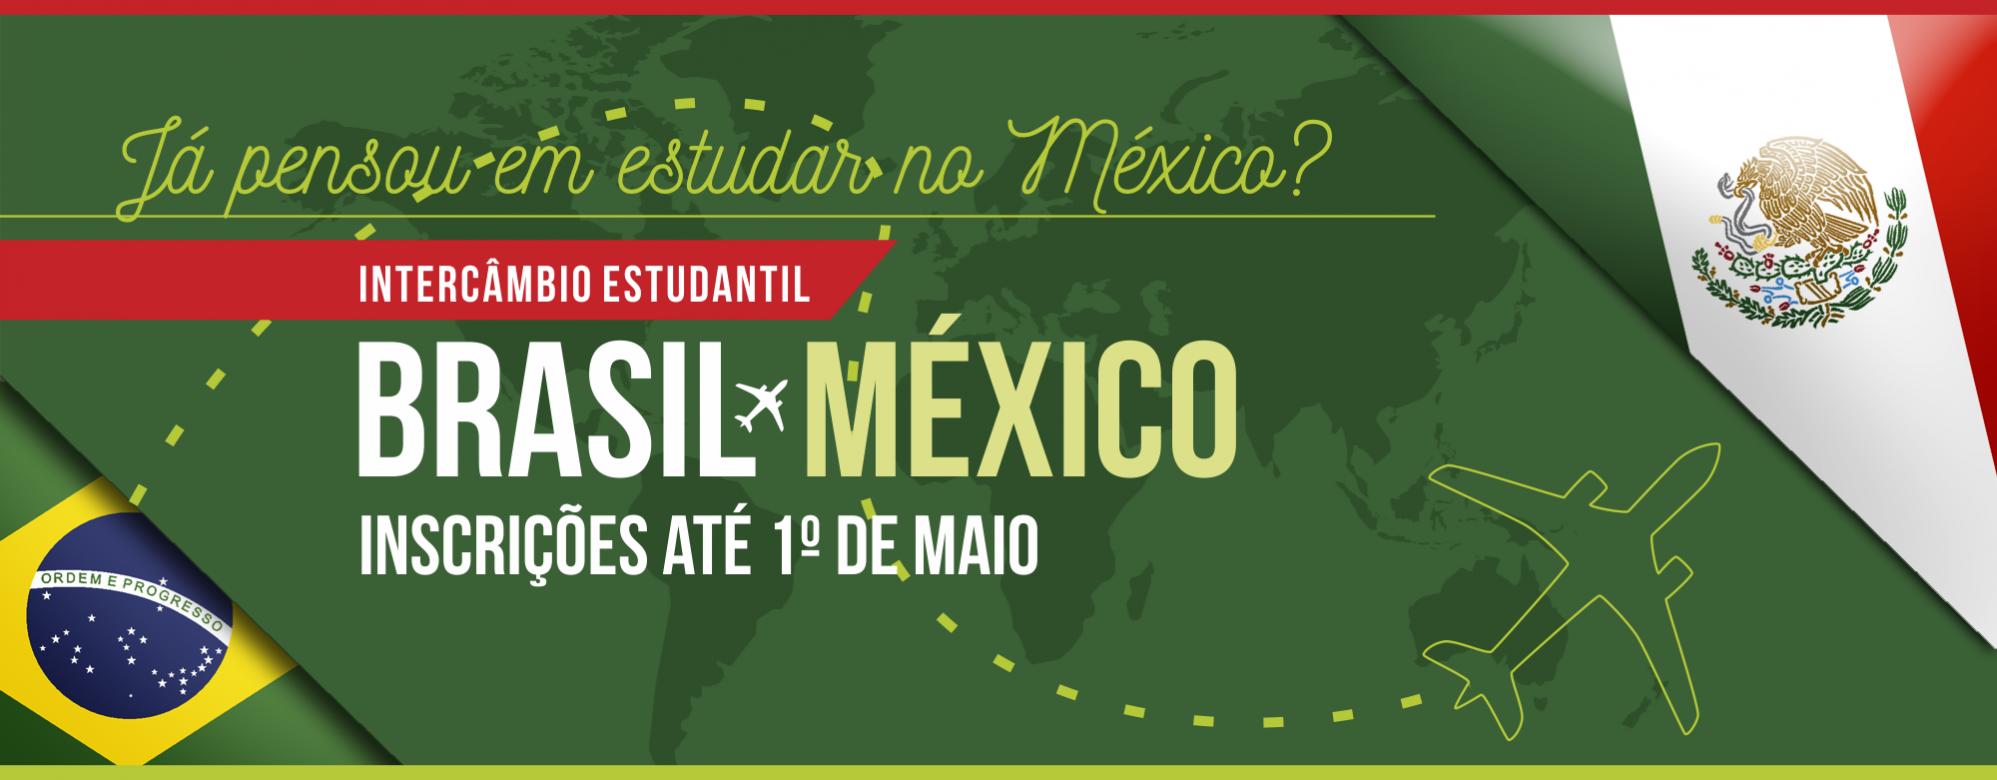 Já pensou em estudar no México? Intercâmbio estudantil. Inscrições até 1º de maio